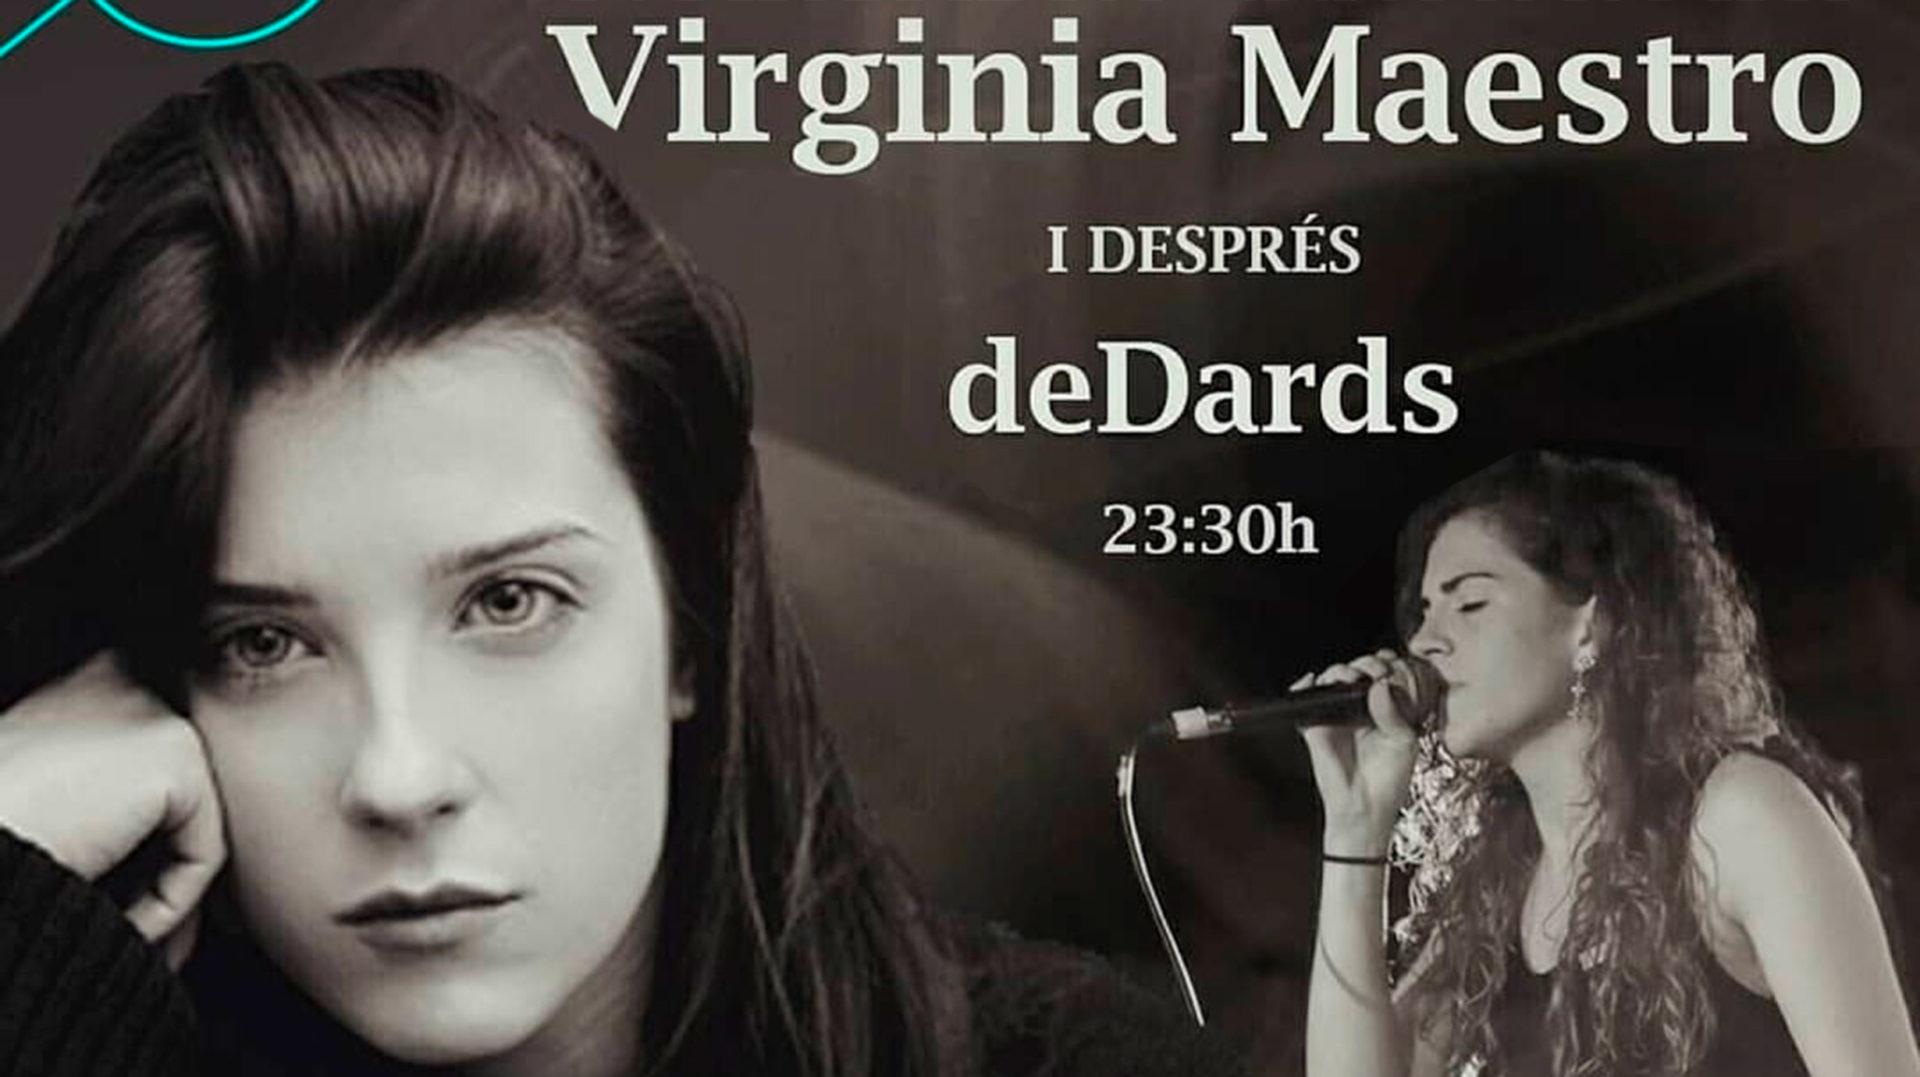 Virgina Maestro i deDards